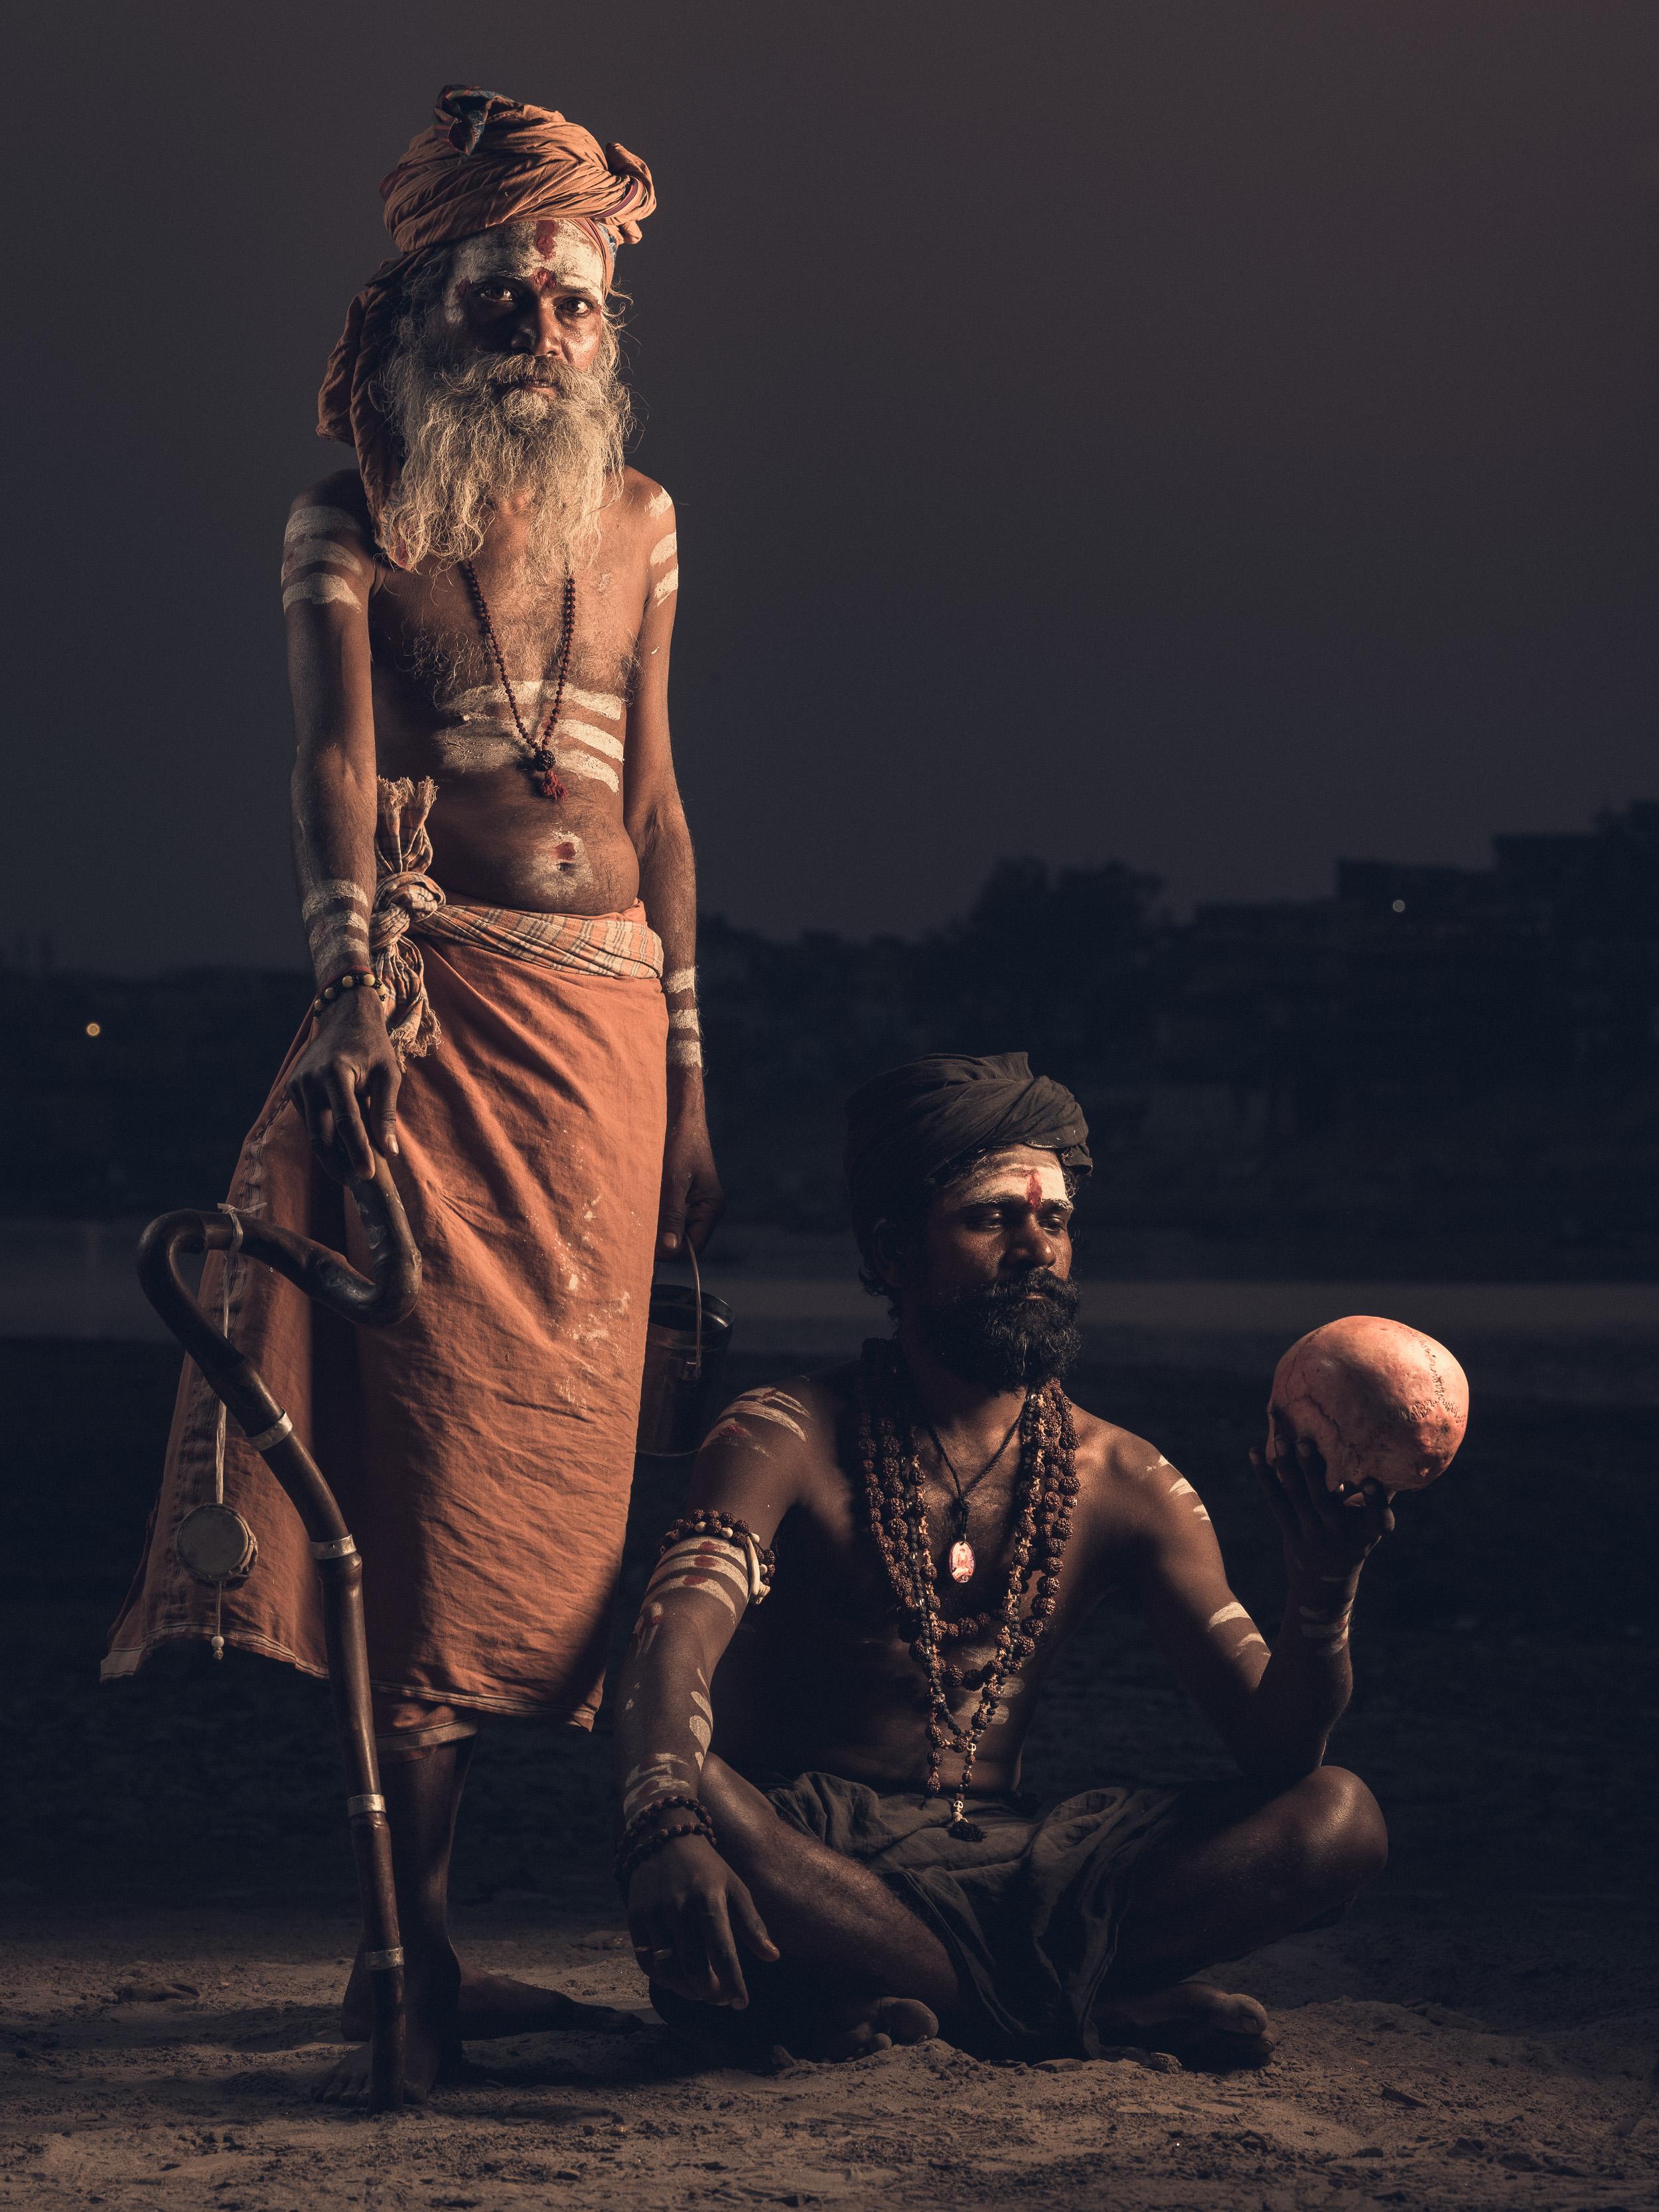 20170304_Varanasi_0026-2.jpg